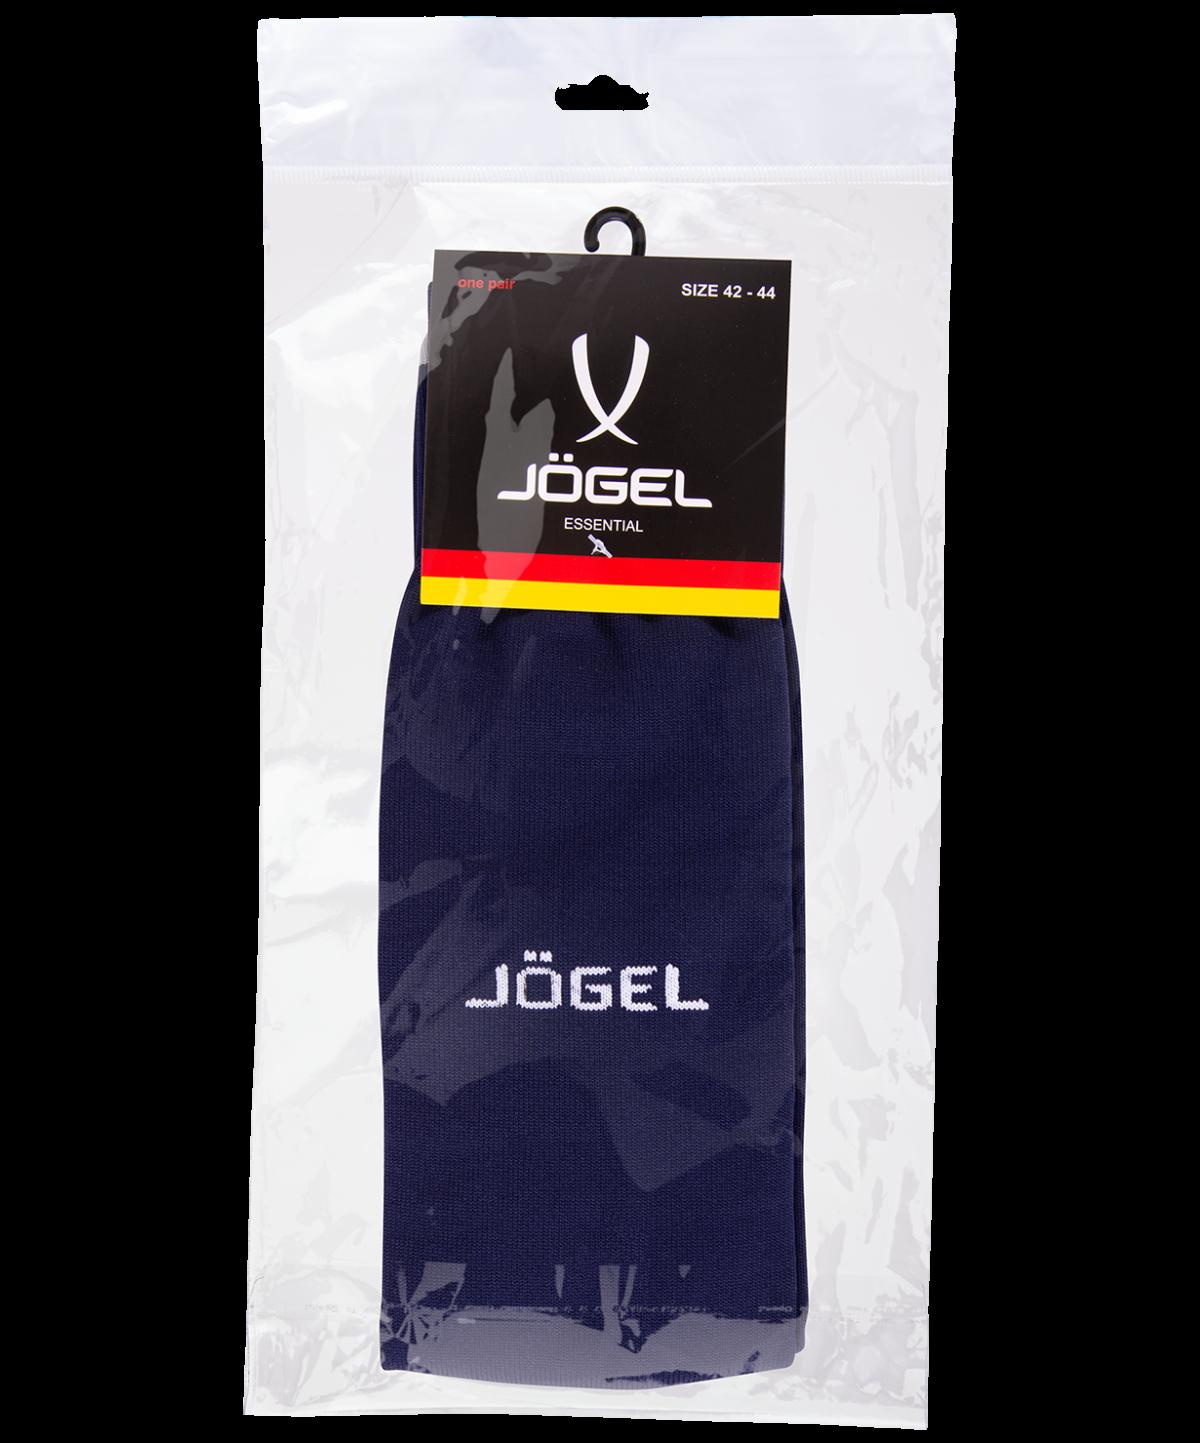 JOGEL Гетры футбольные, темно-синий/белый  JA-001 - 2